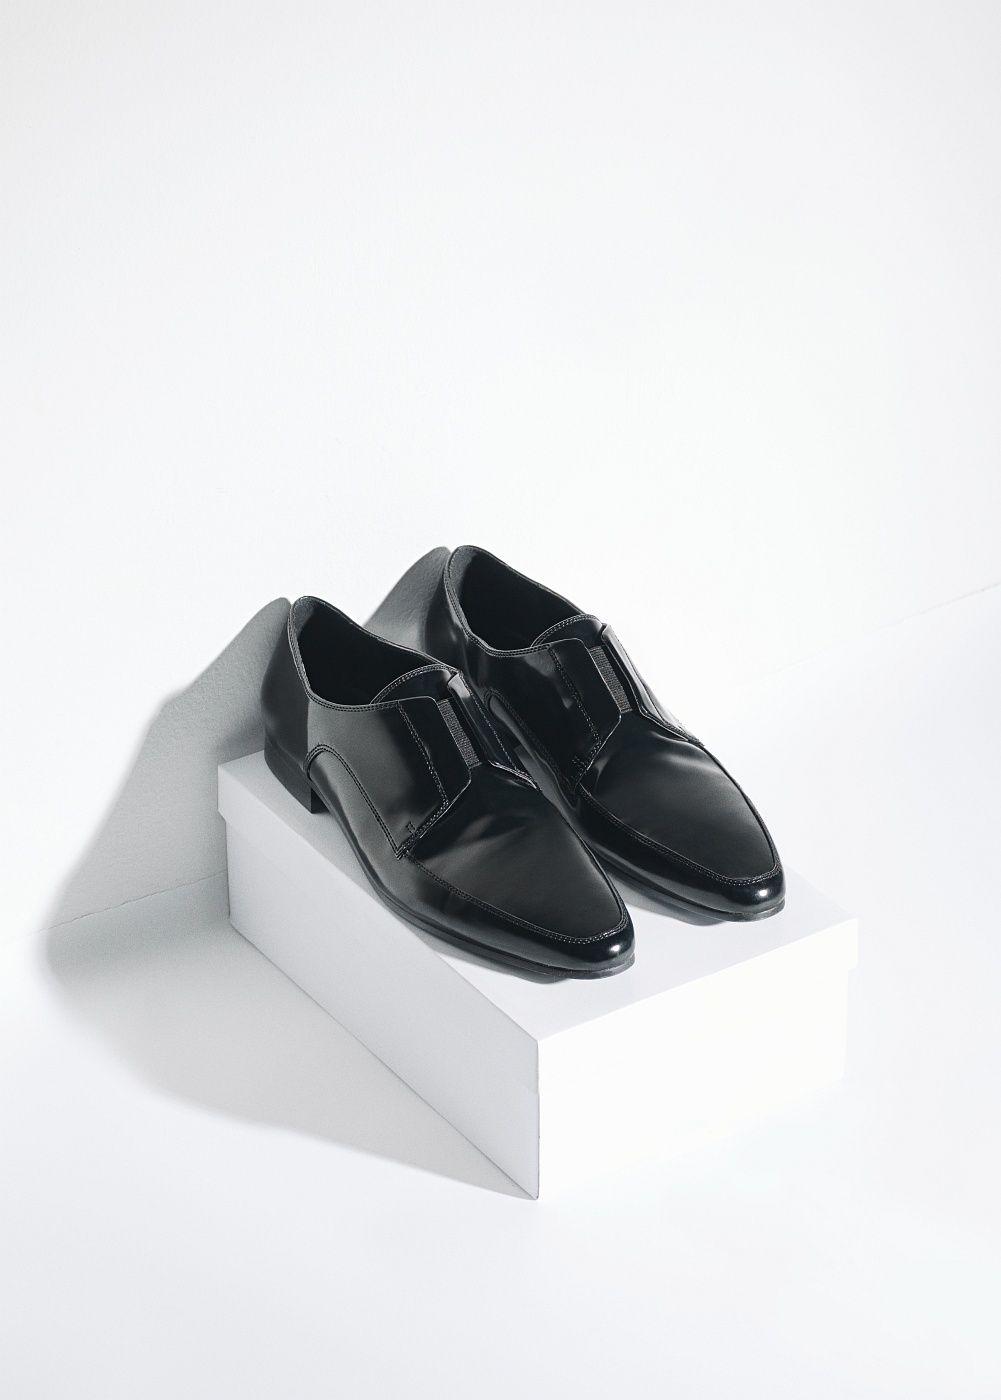 Scarpe stile maschile